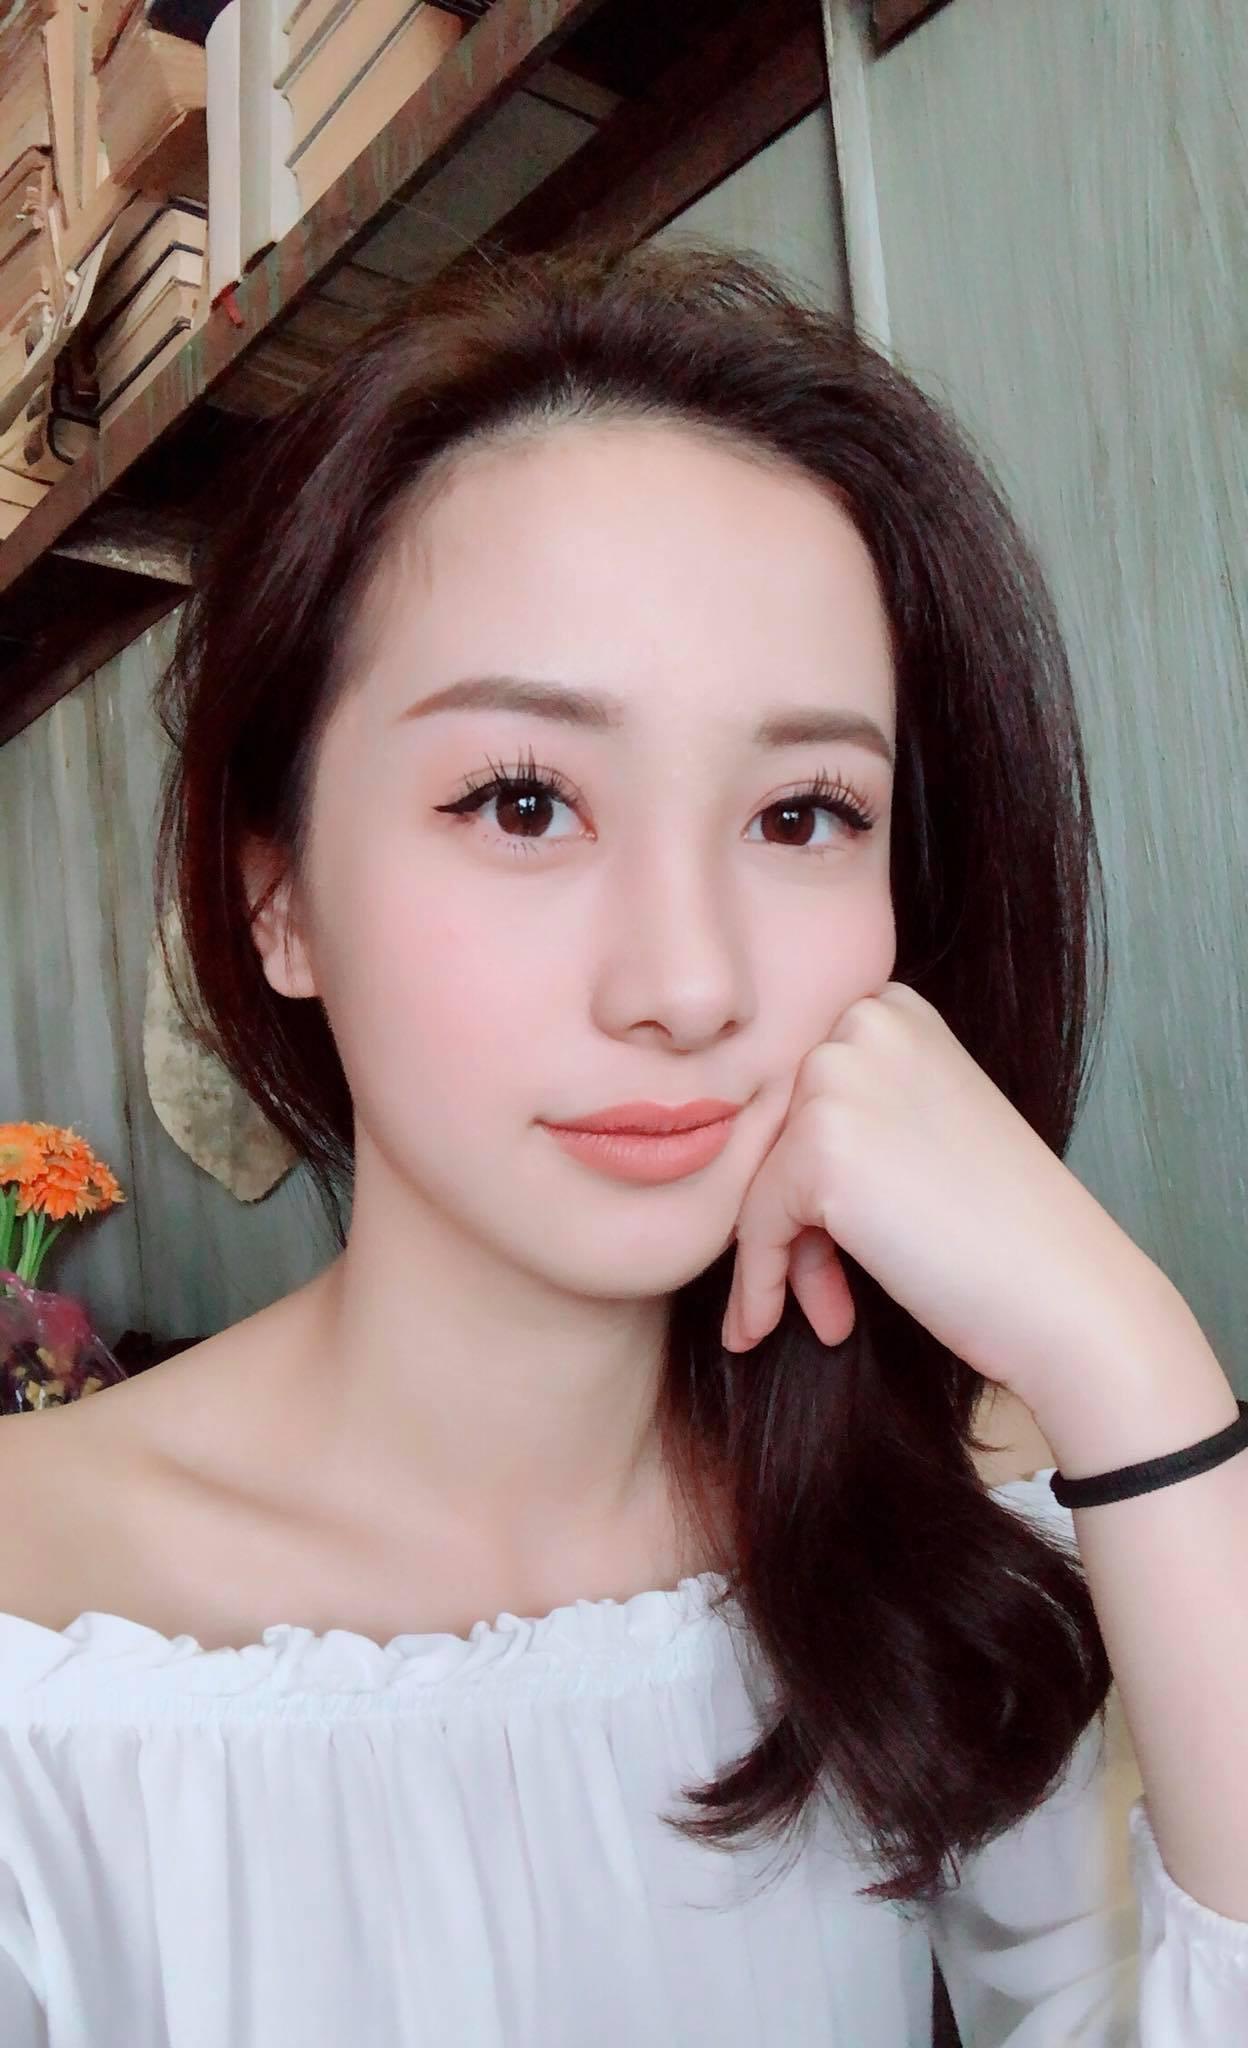 Nhan sắc hiện tại của 3 hot girl Việt từng được mệnh danh cô bé trà sữa - Ảnh 4.